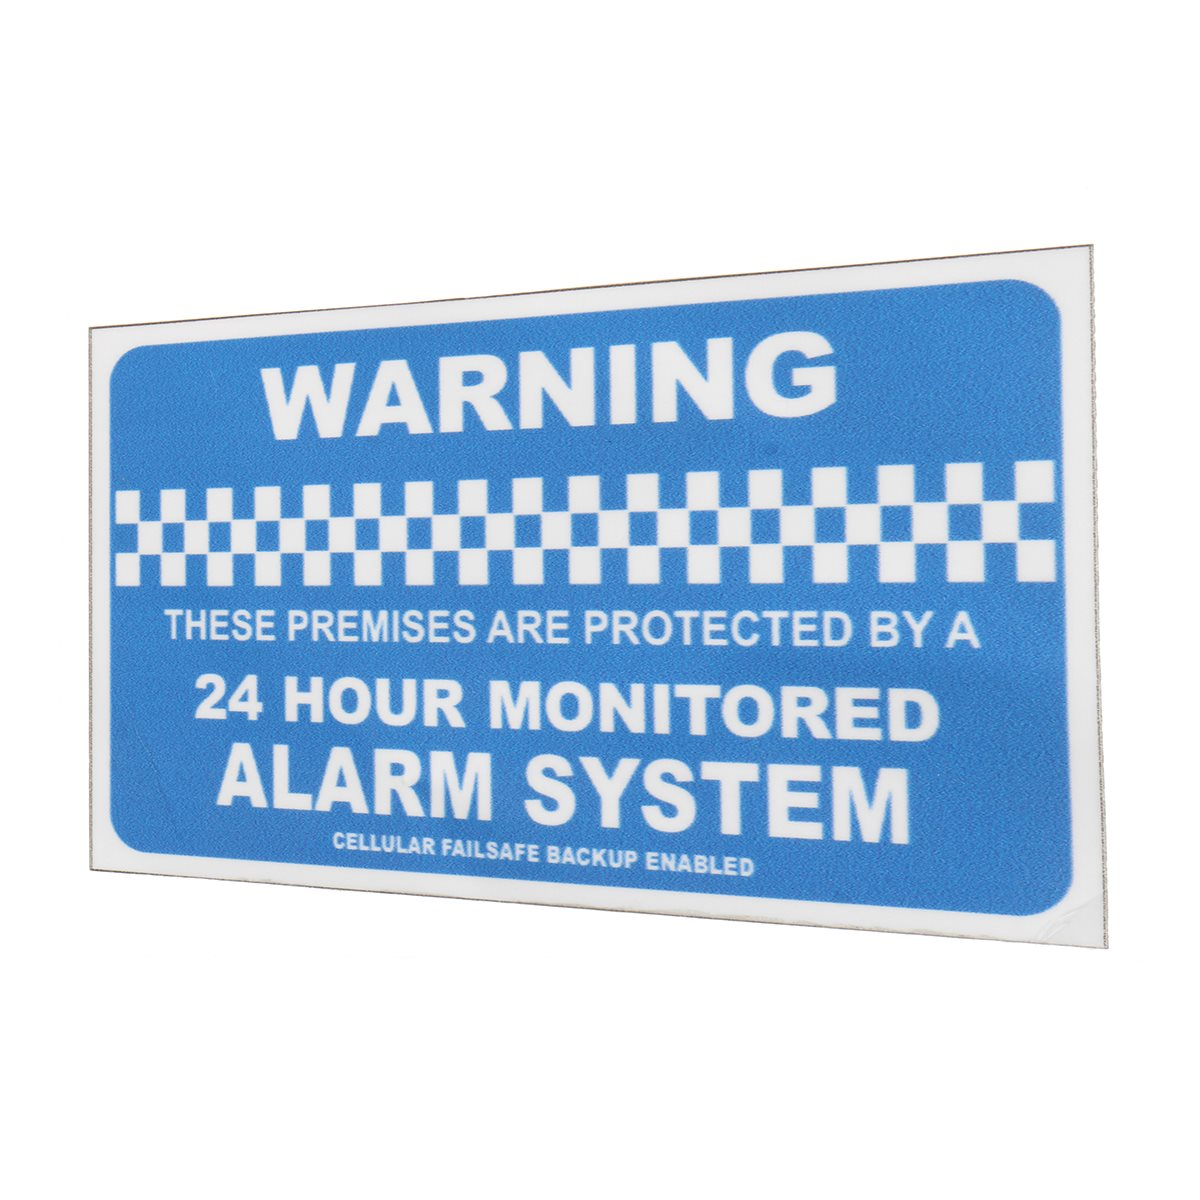 Новый safurance мониторинга сигнализации homesecurity Предупреждение Стикеры виниловые знак наклейка автомобиля дома или офиса